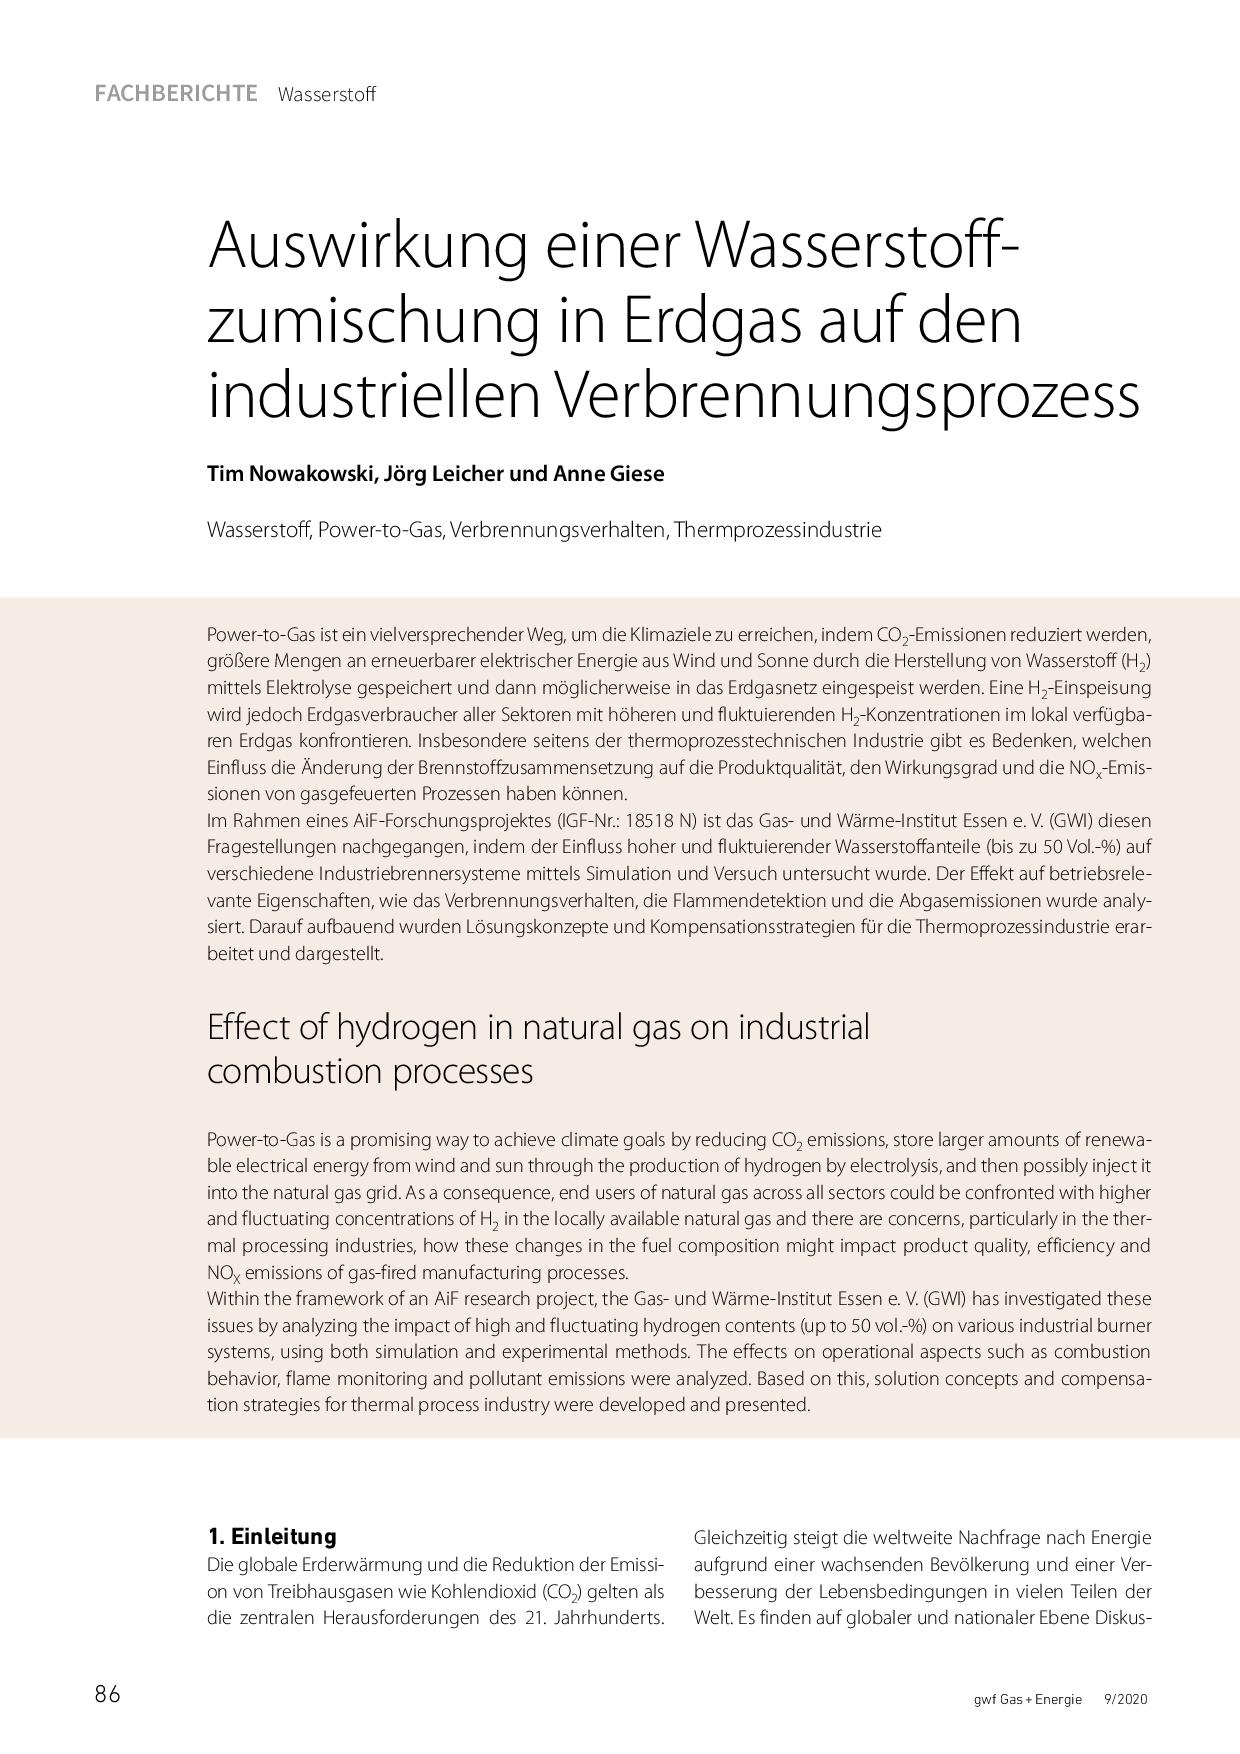 Auswirkung einer Wasserstoffzumischung in Erdgas auf den industriellen Verbrennungsprozess